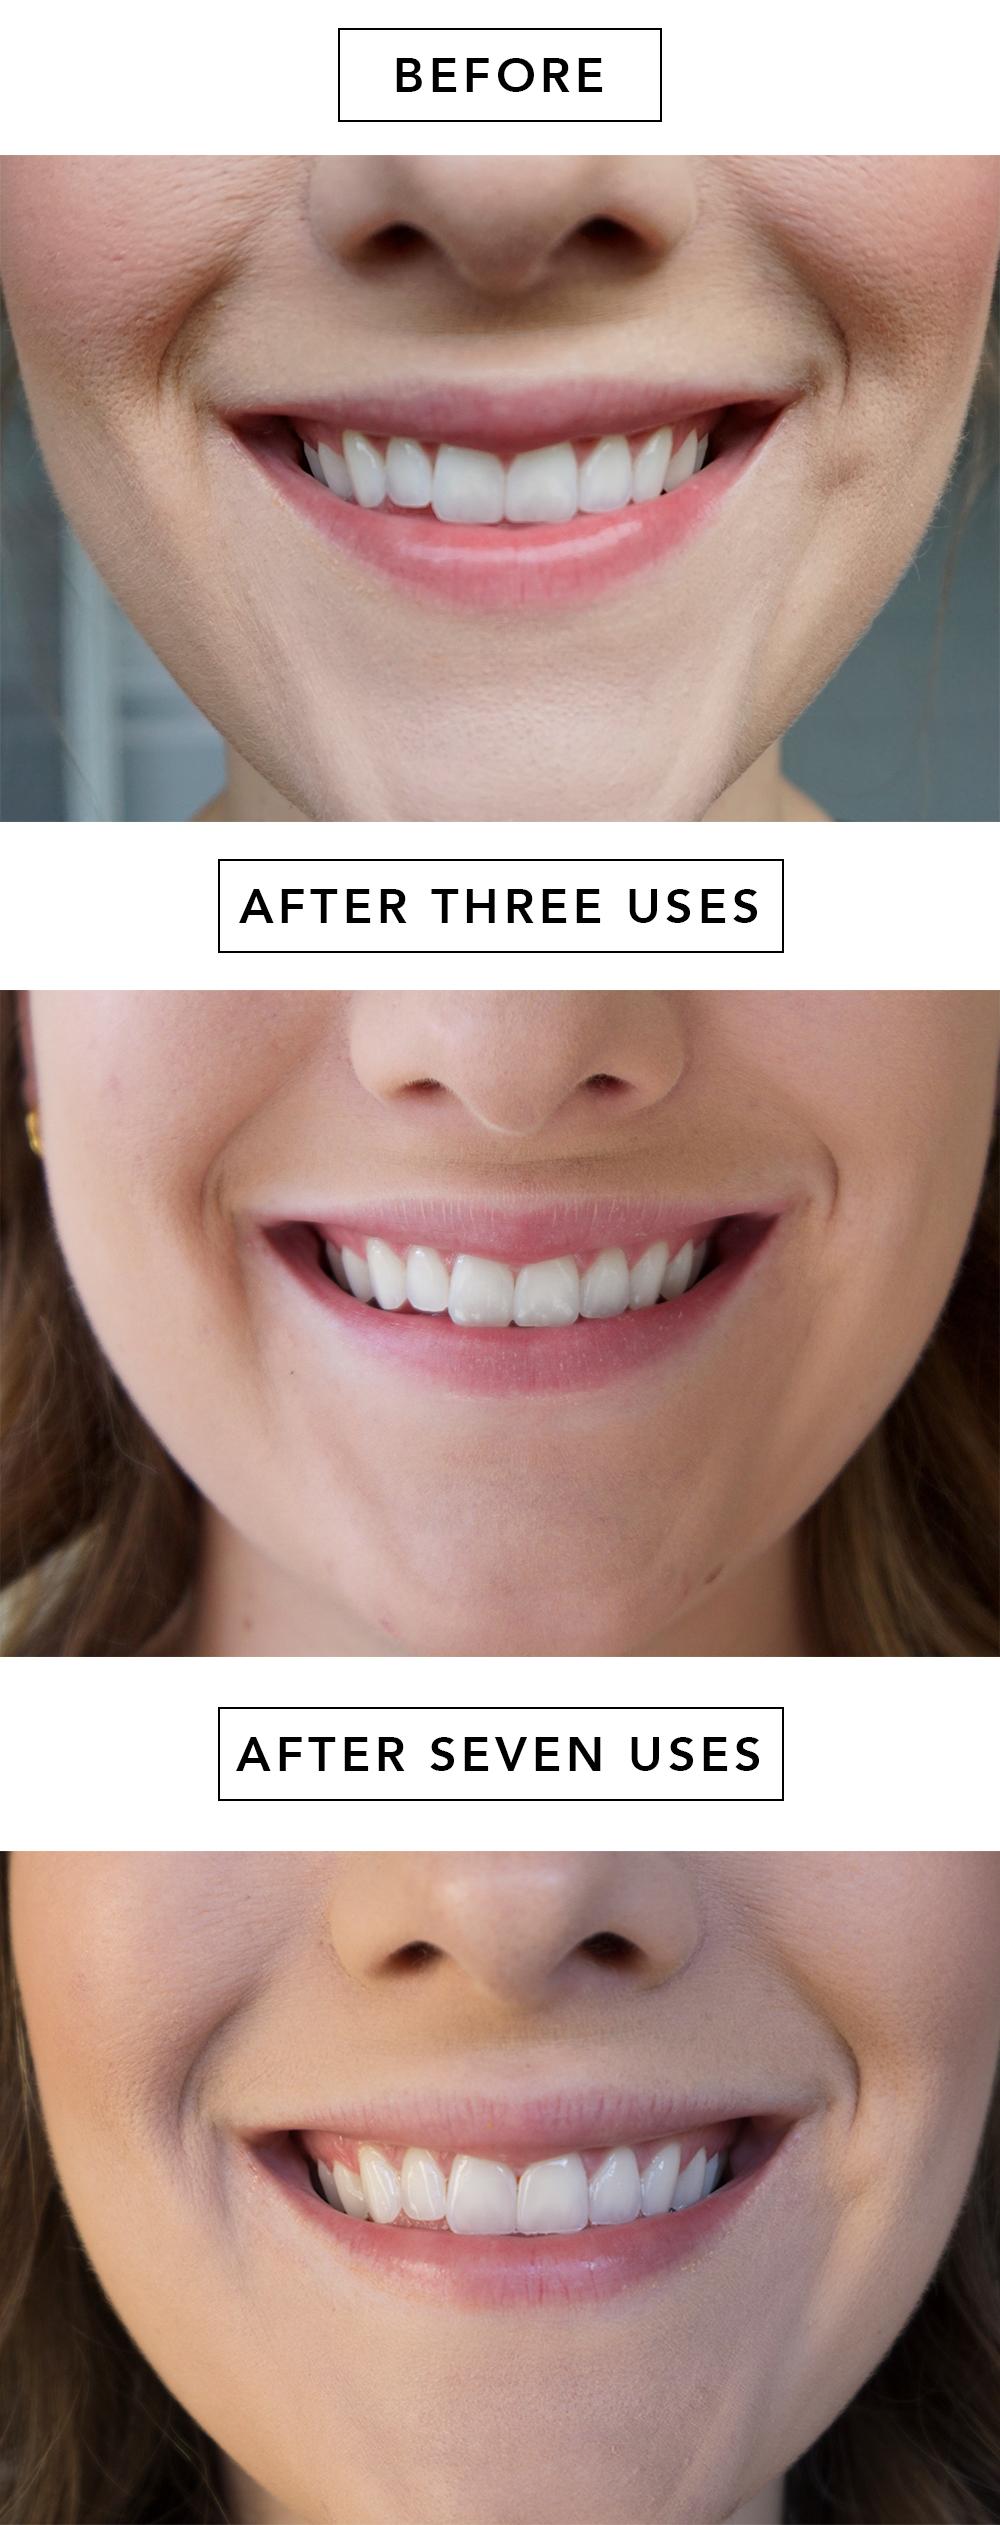 smile-progress